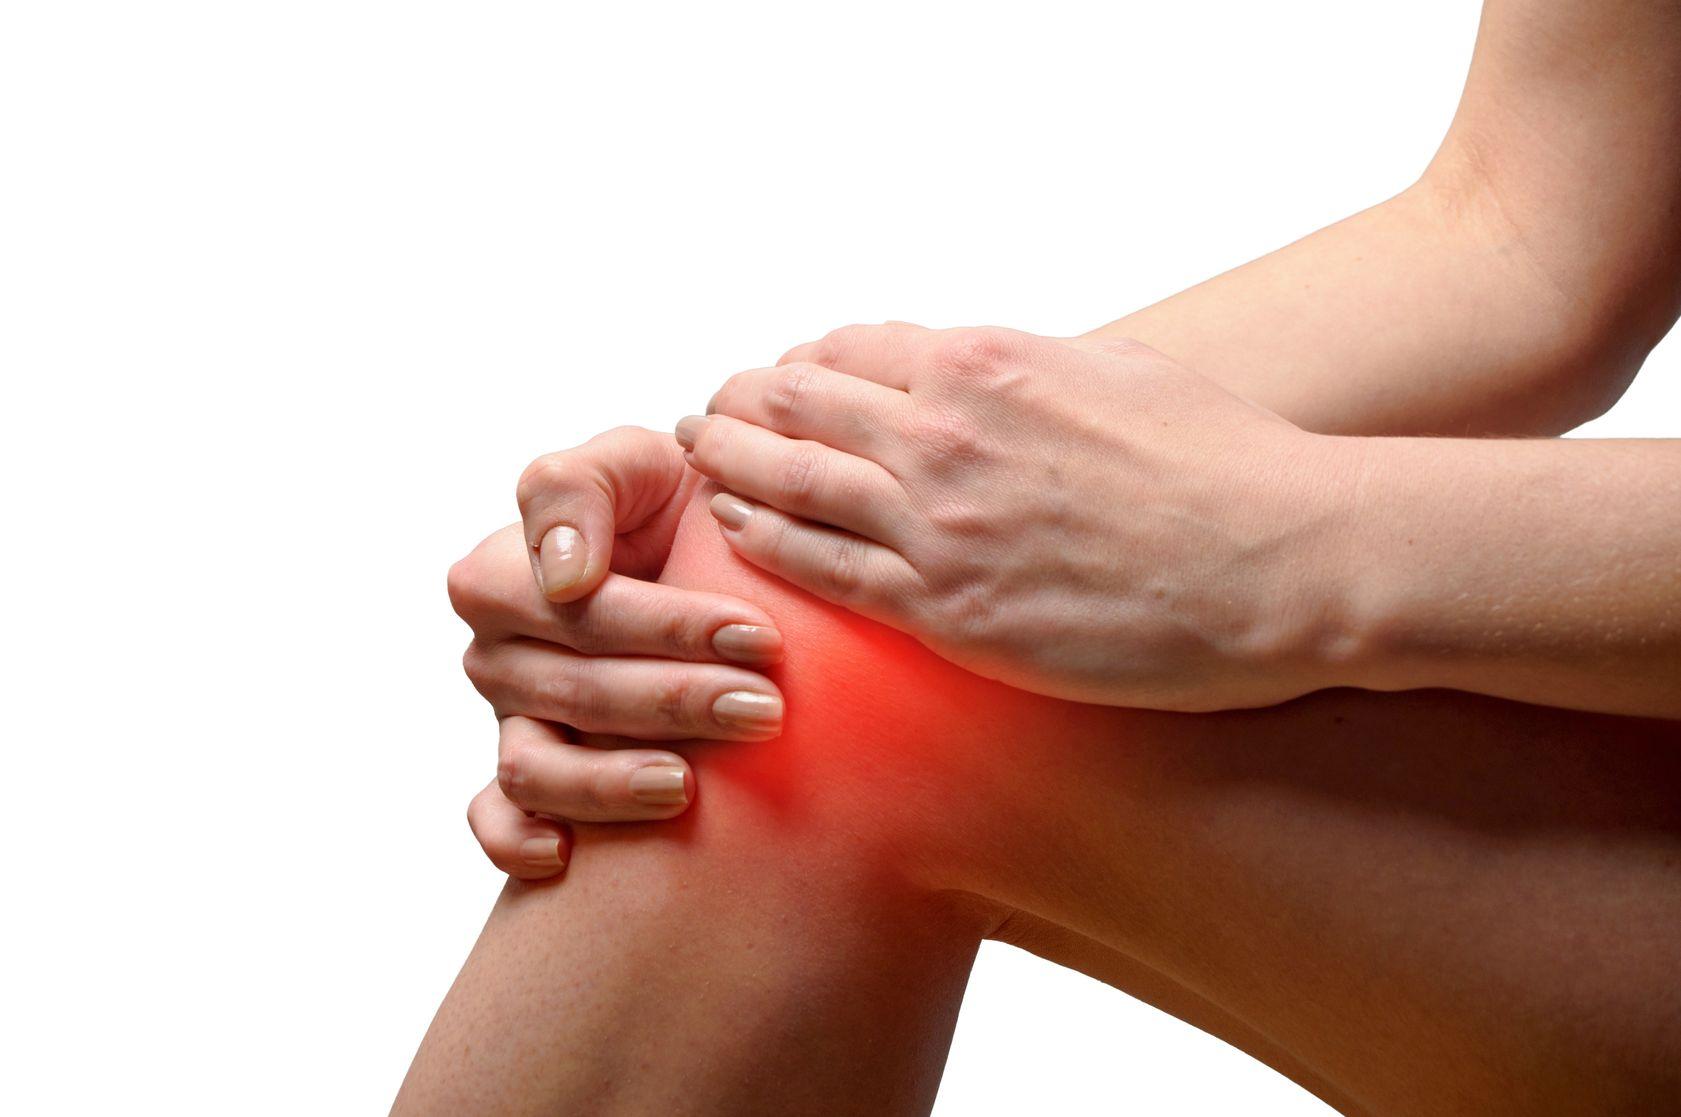 Артралгия и полиартралгия: причины, сопутствующие симптомы, когда обращаться к врачу